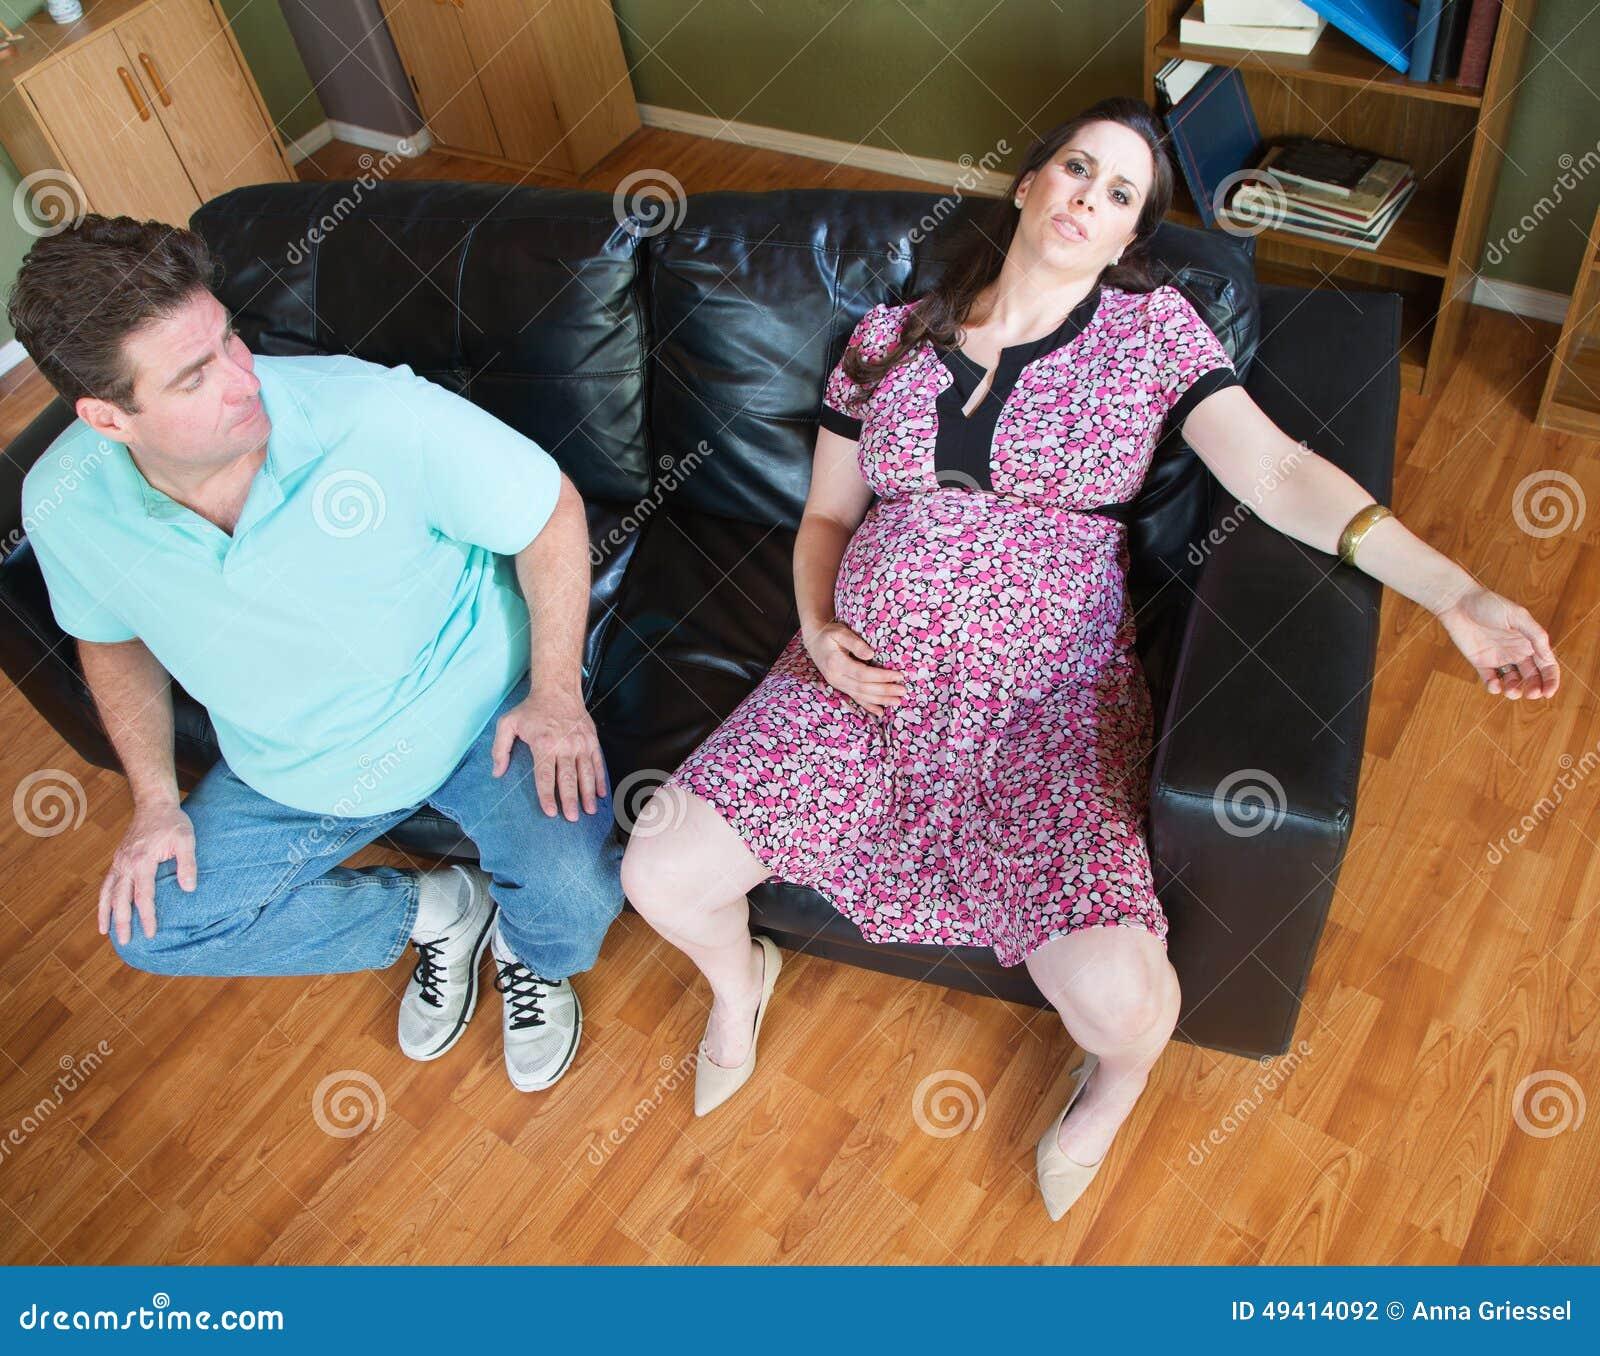 Download Exhaused, Das Frau Und Ehemann Erwartet Stockfoto - Bild von kaukasisch, gebohrt: 49414092